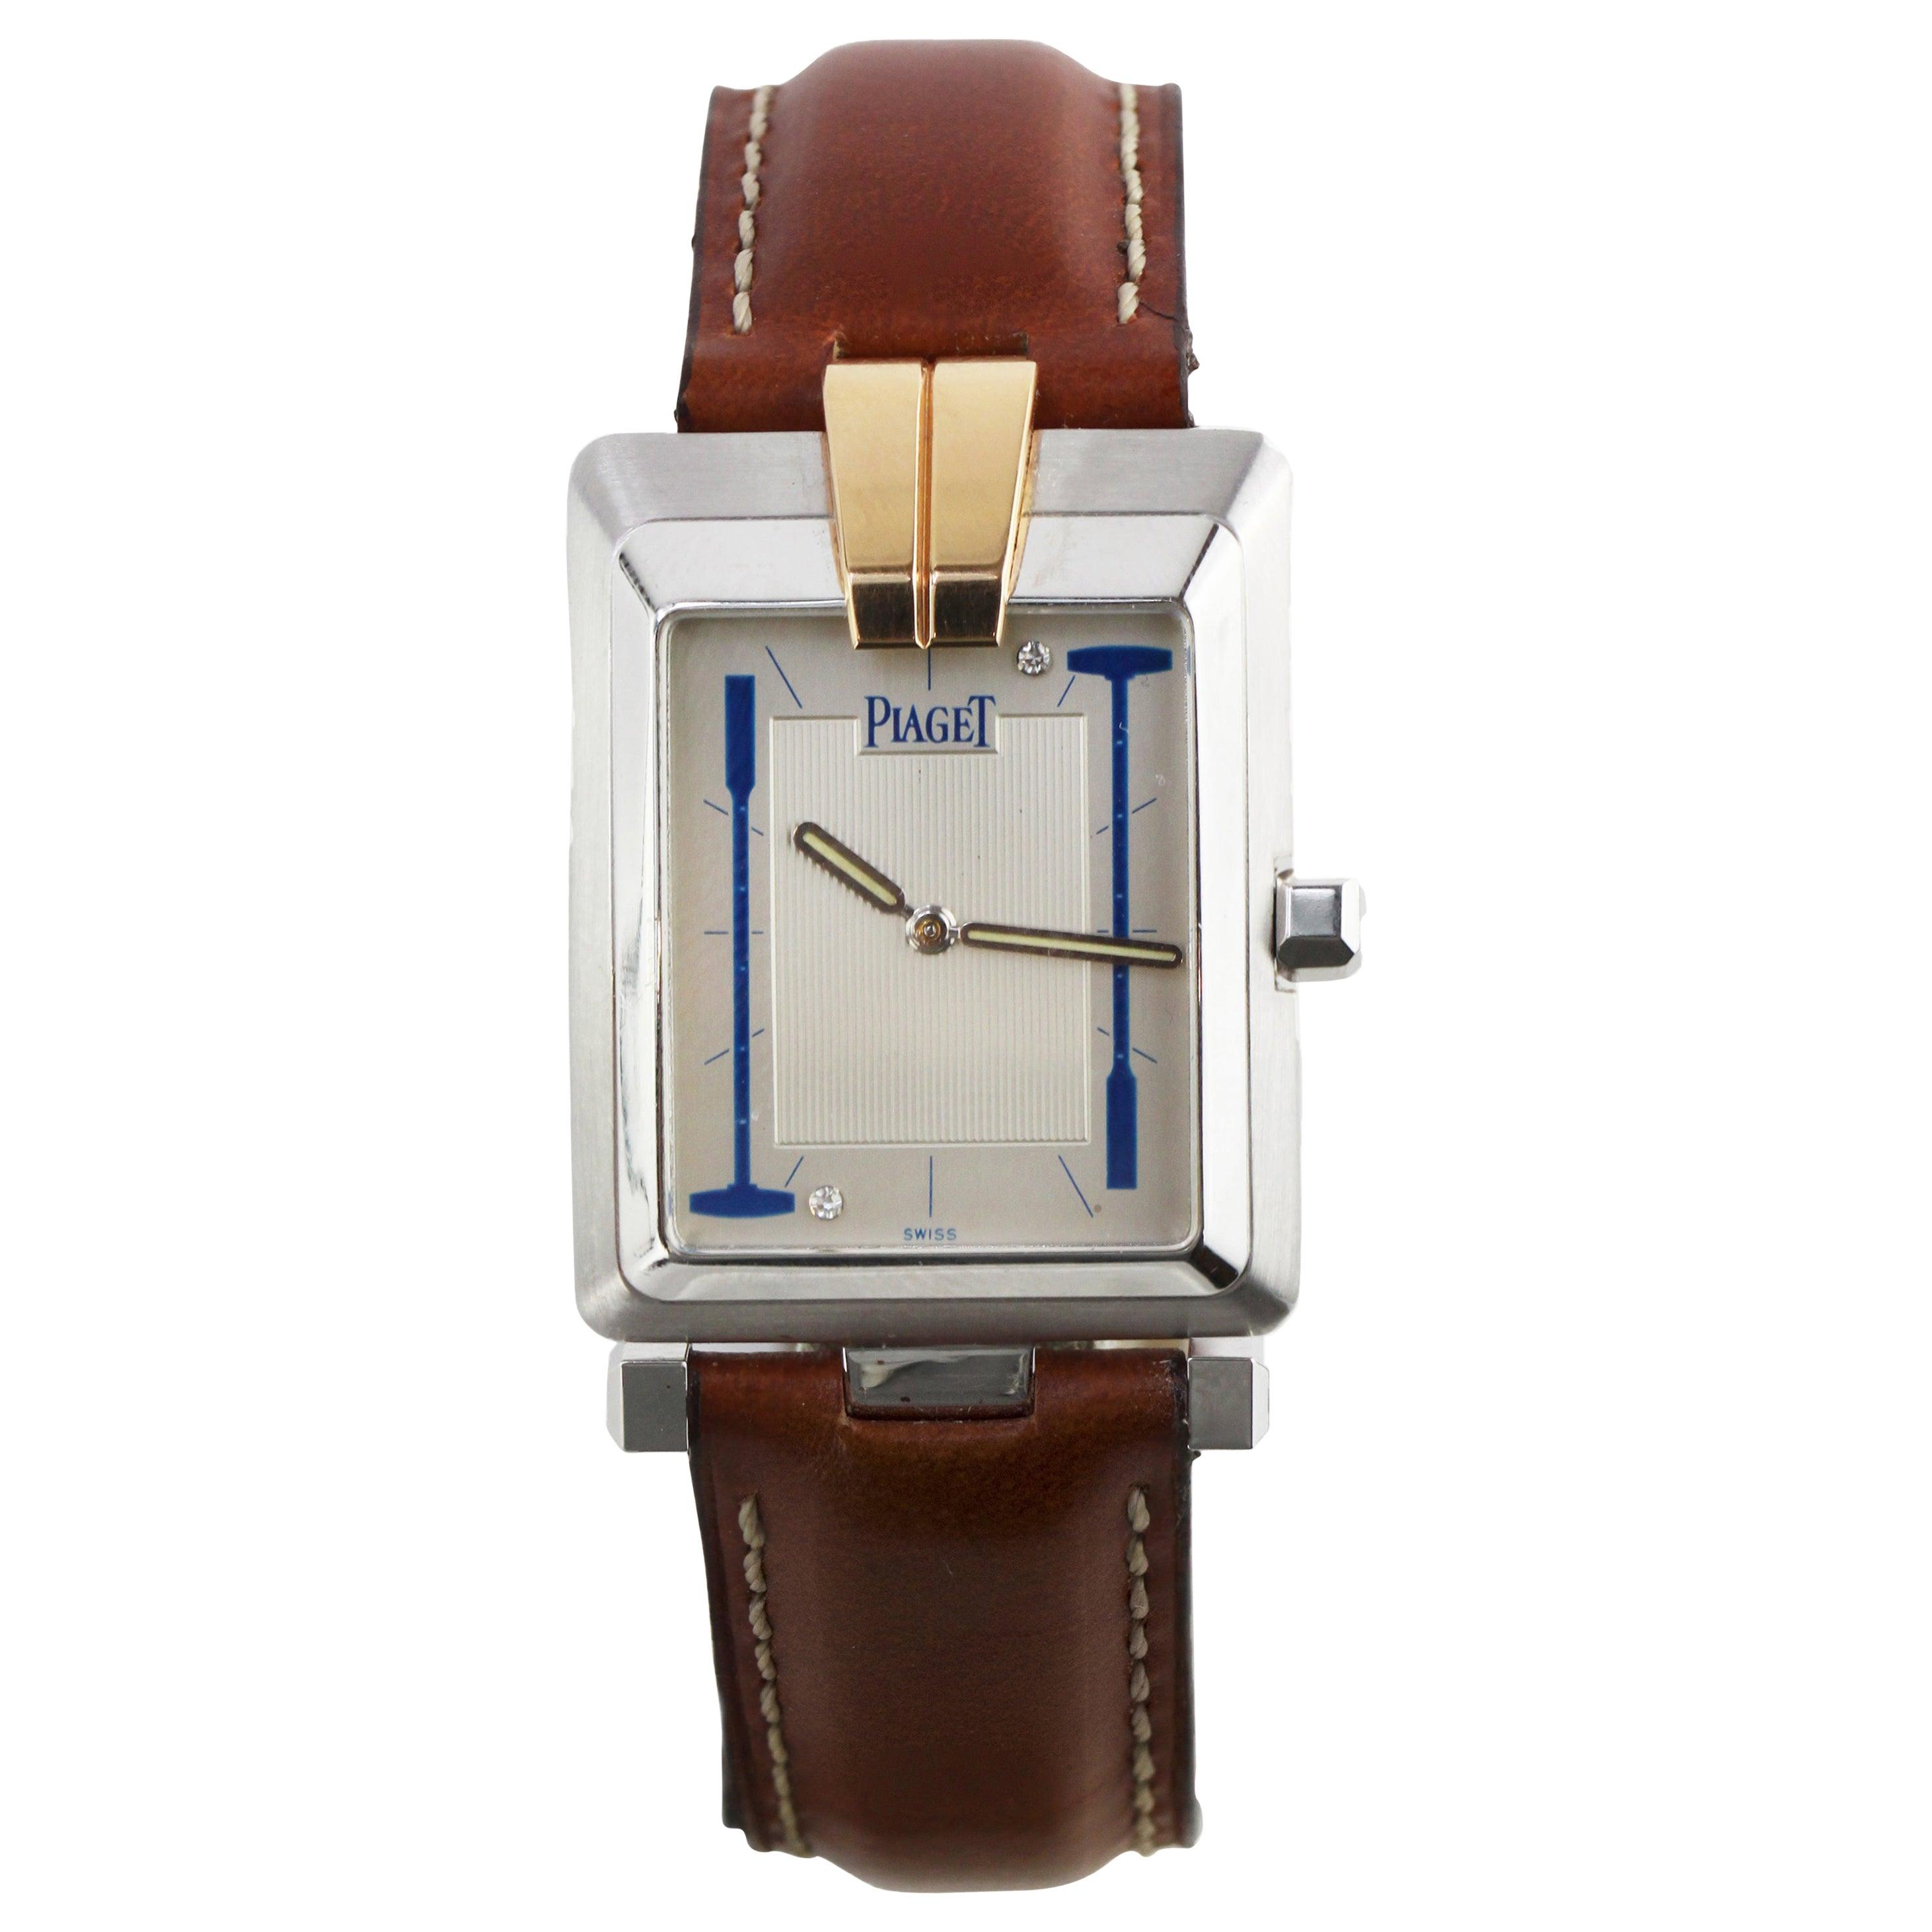 Piaget Mecanique 18 Karat White Gold Watch Ref 9110